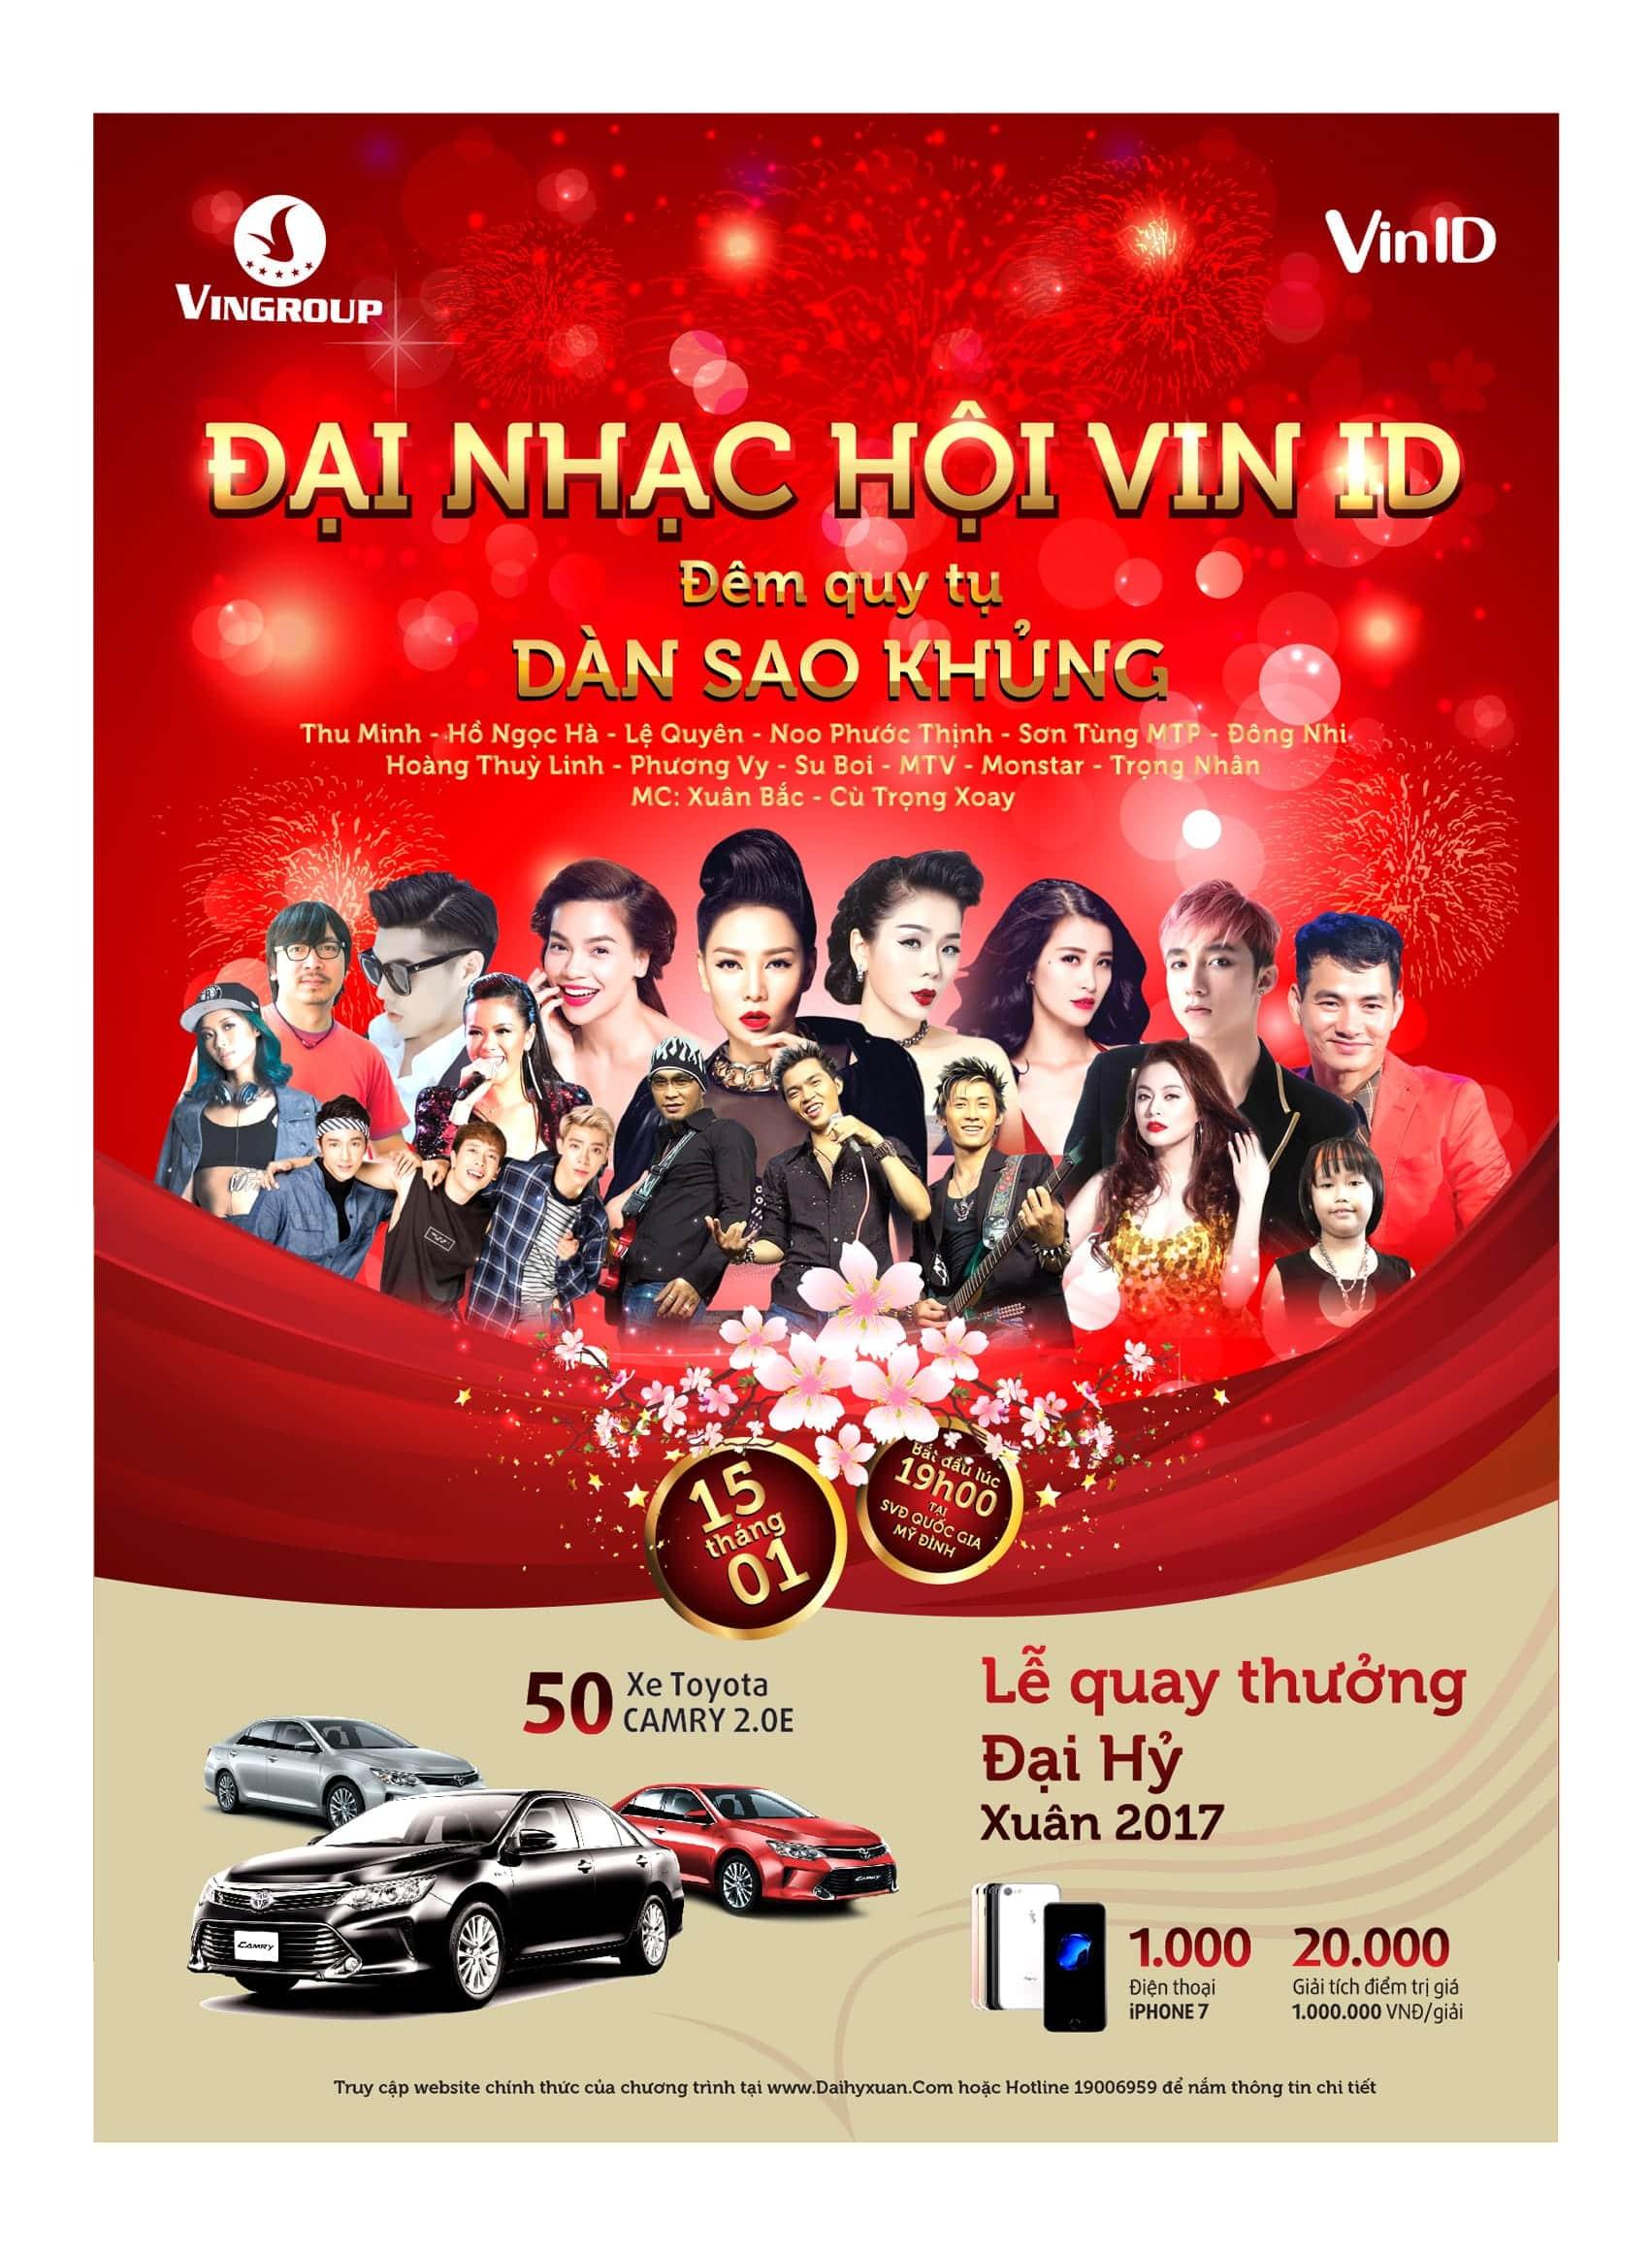 thiet-ke-dai-nhac-hoi-vinid-KEY-VISUAL-2